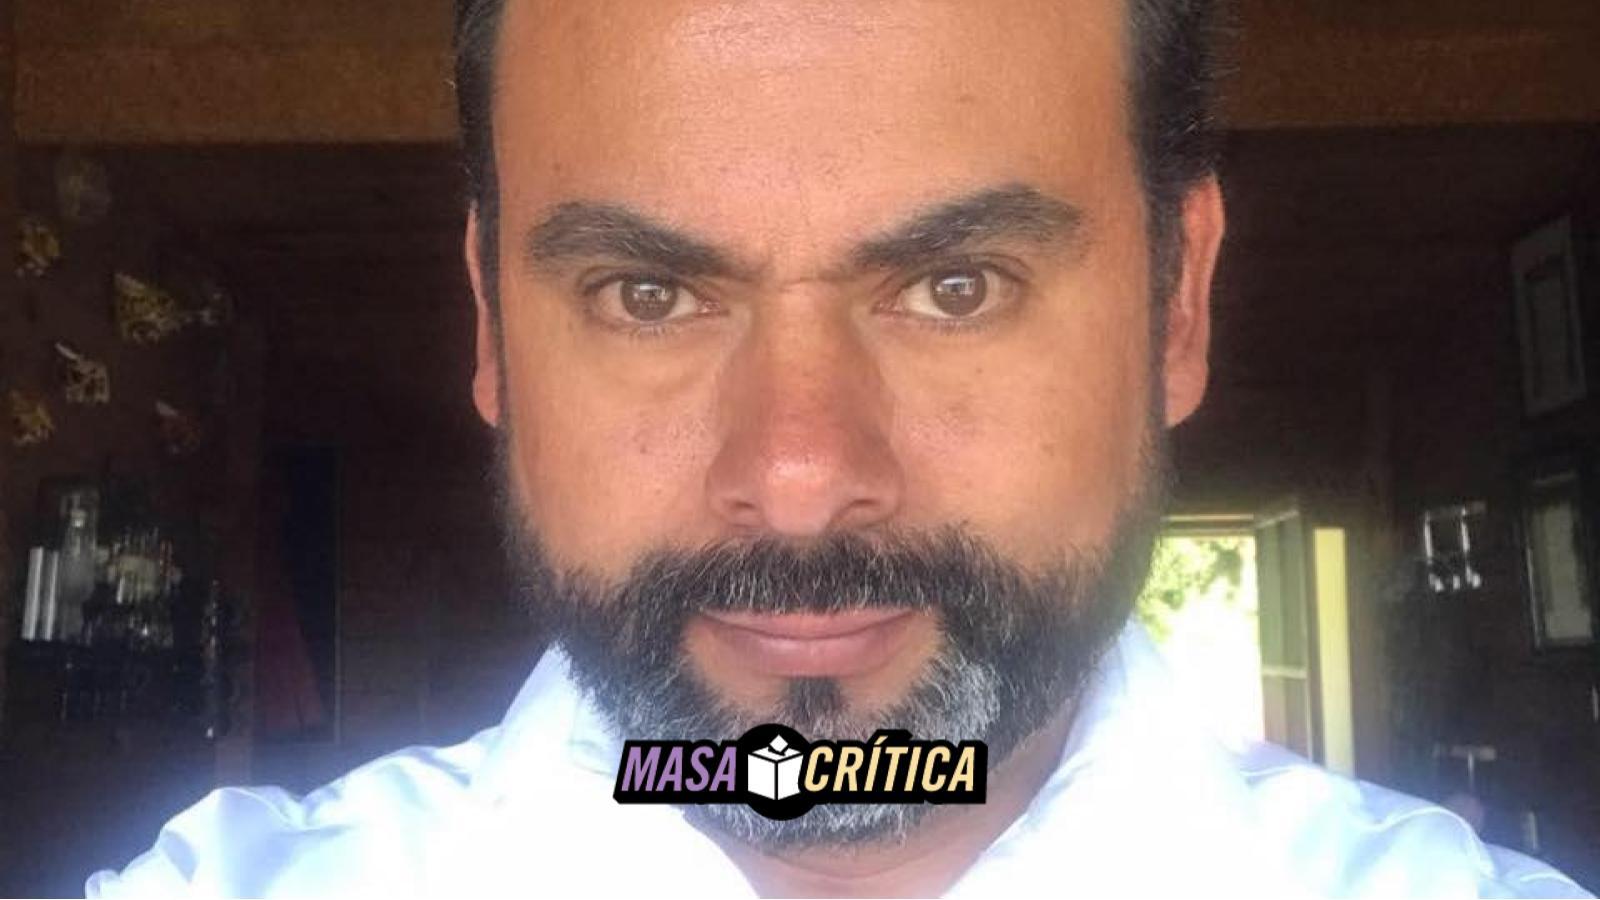 Lo acusaron de extorsión, ahora es candidato por Morena para Coacalco